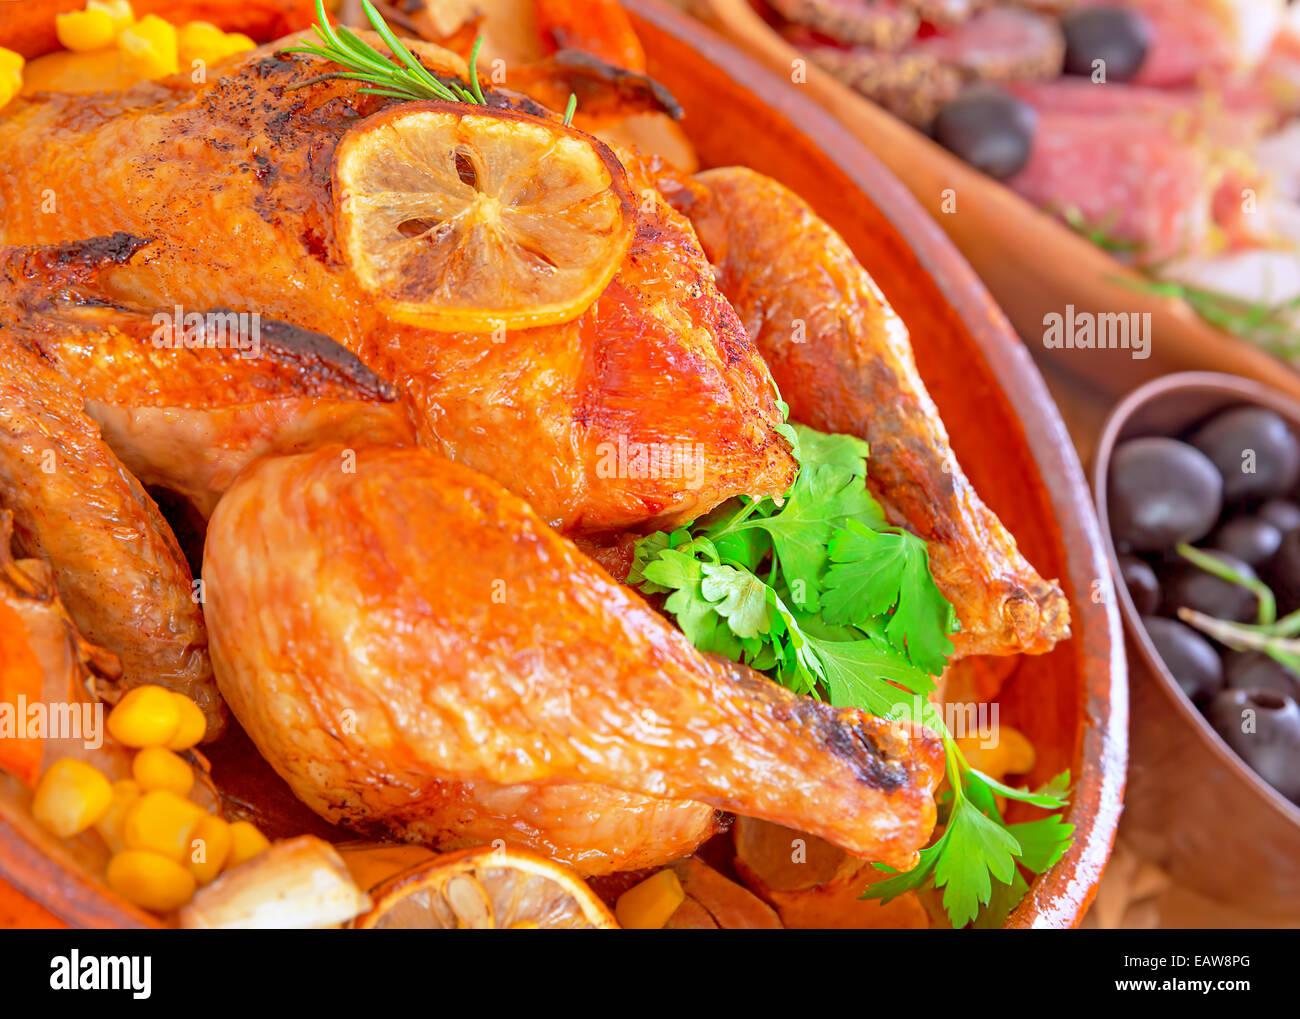 Turkey Roasting In Oven Stockfotos & Turkey Roasting In Oven Bilder ...